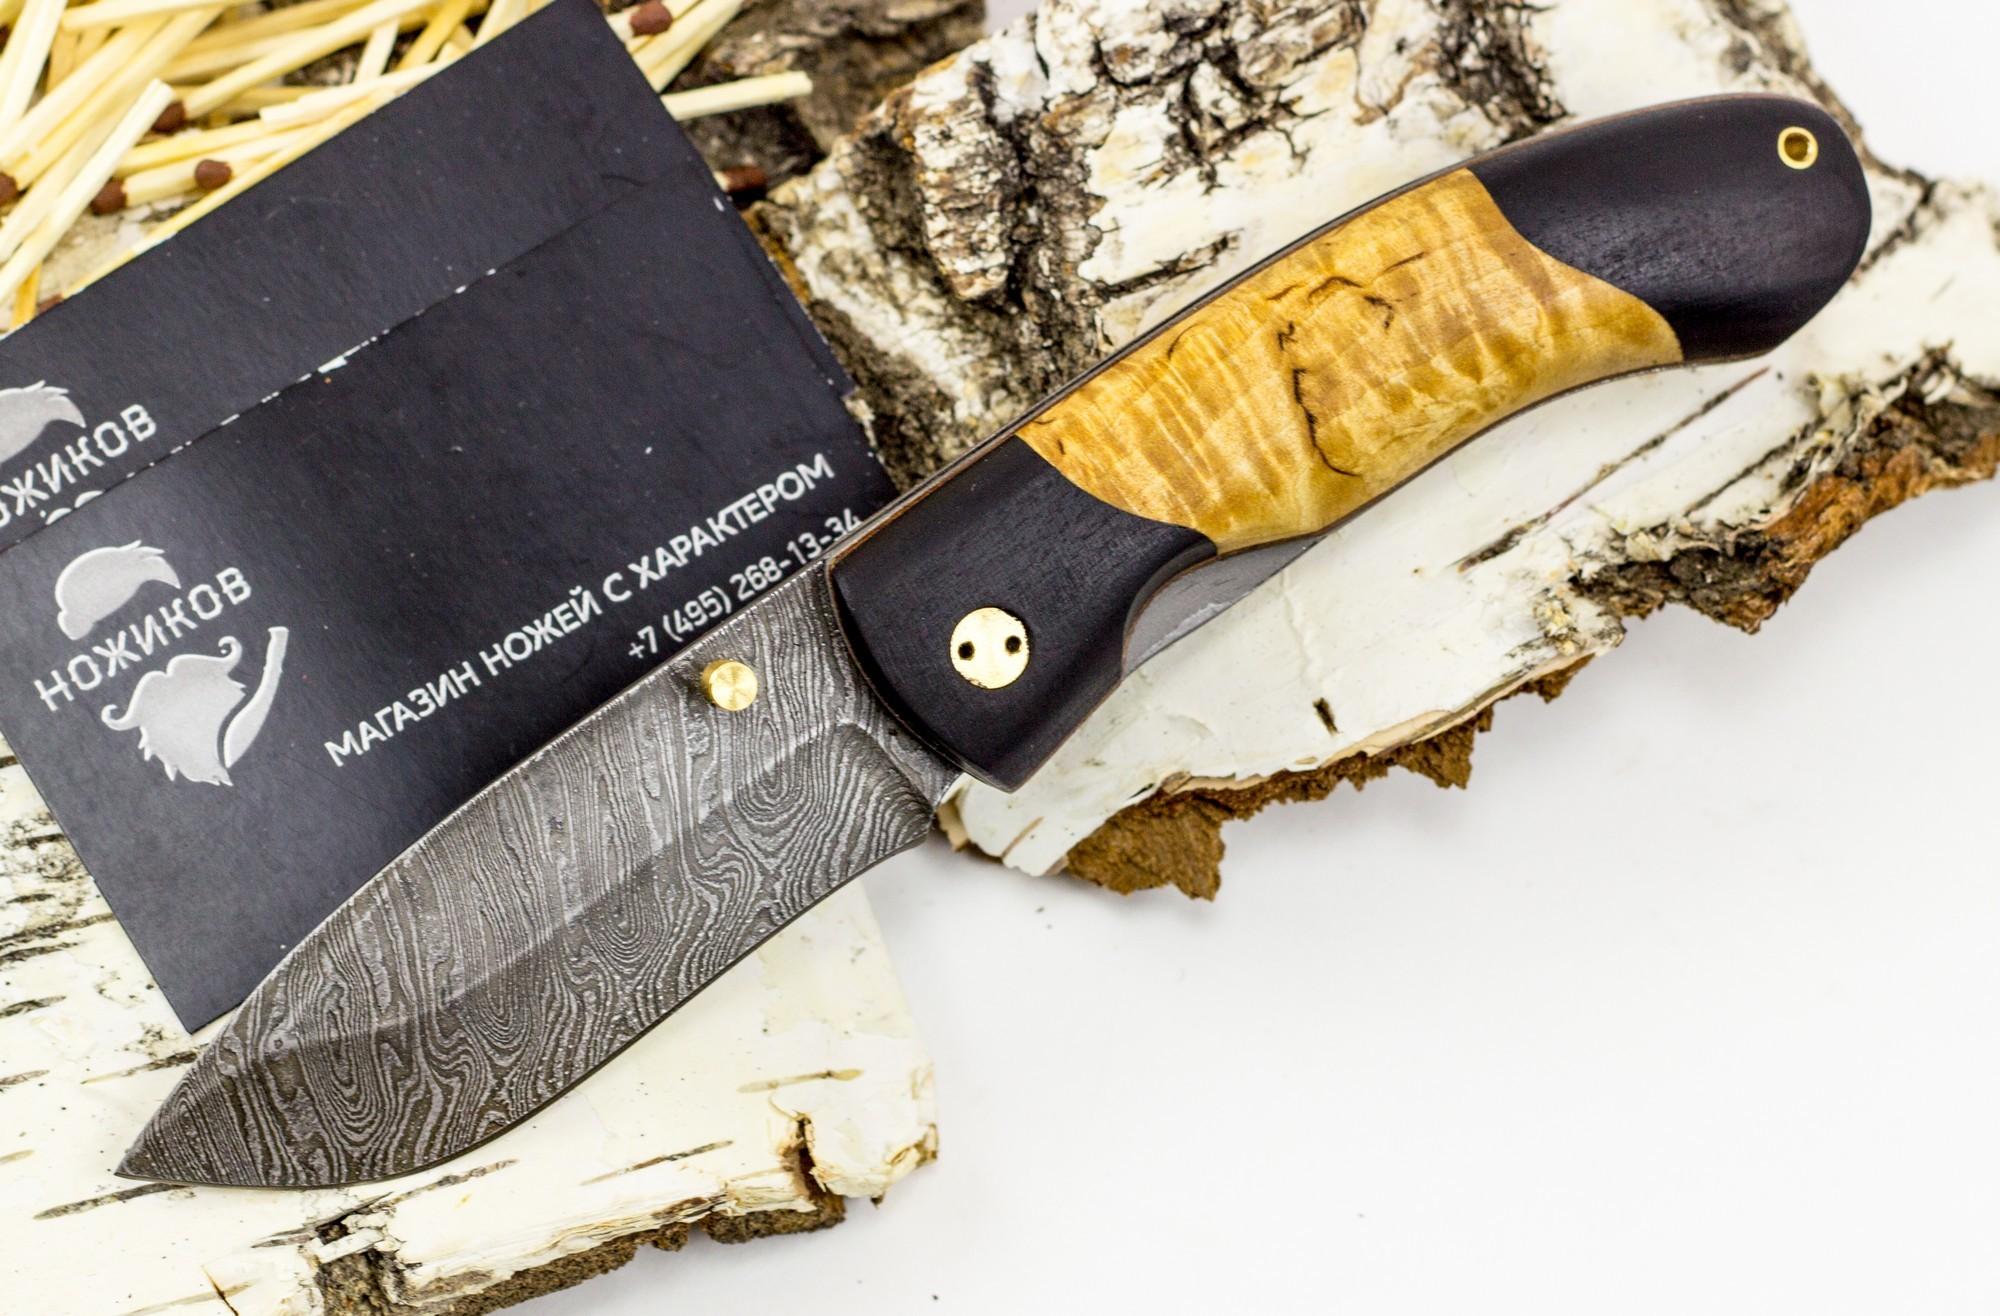 Нож складной Егерьский-2, дамаск, карельская береза от Марычев